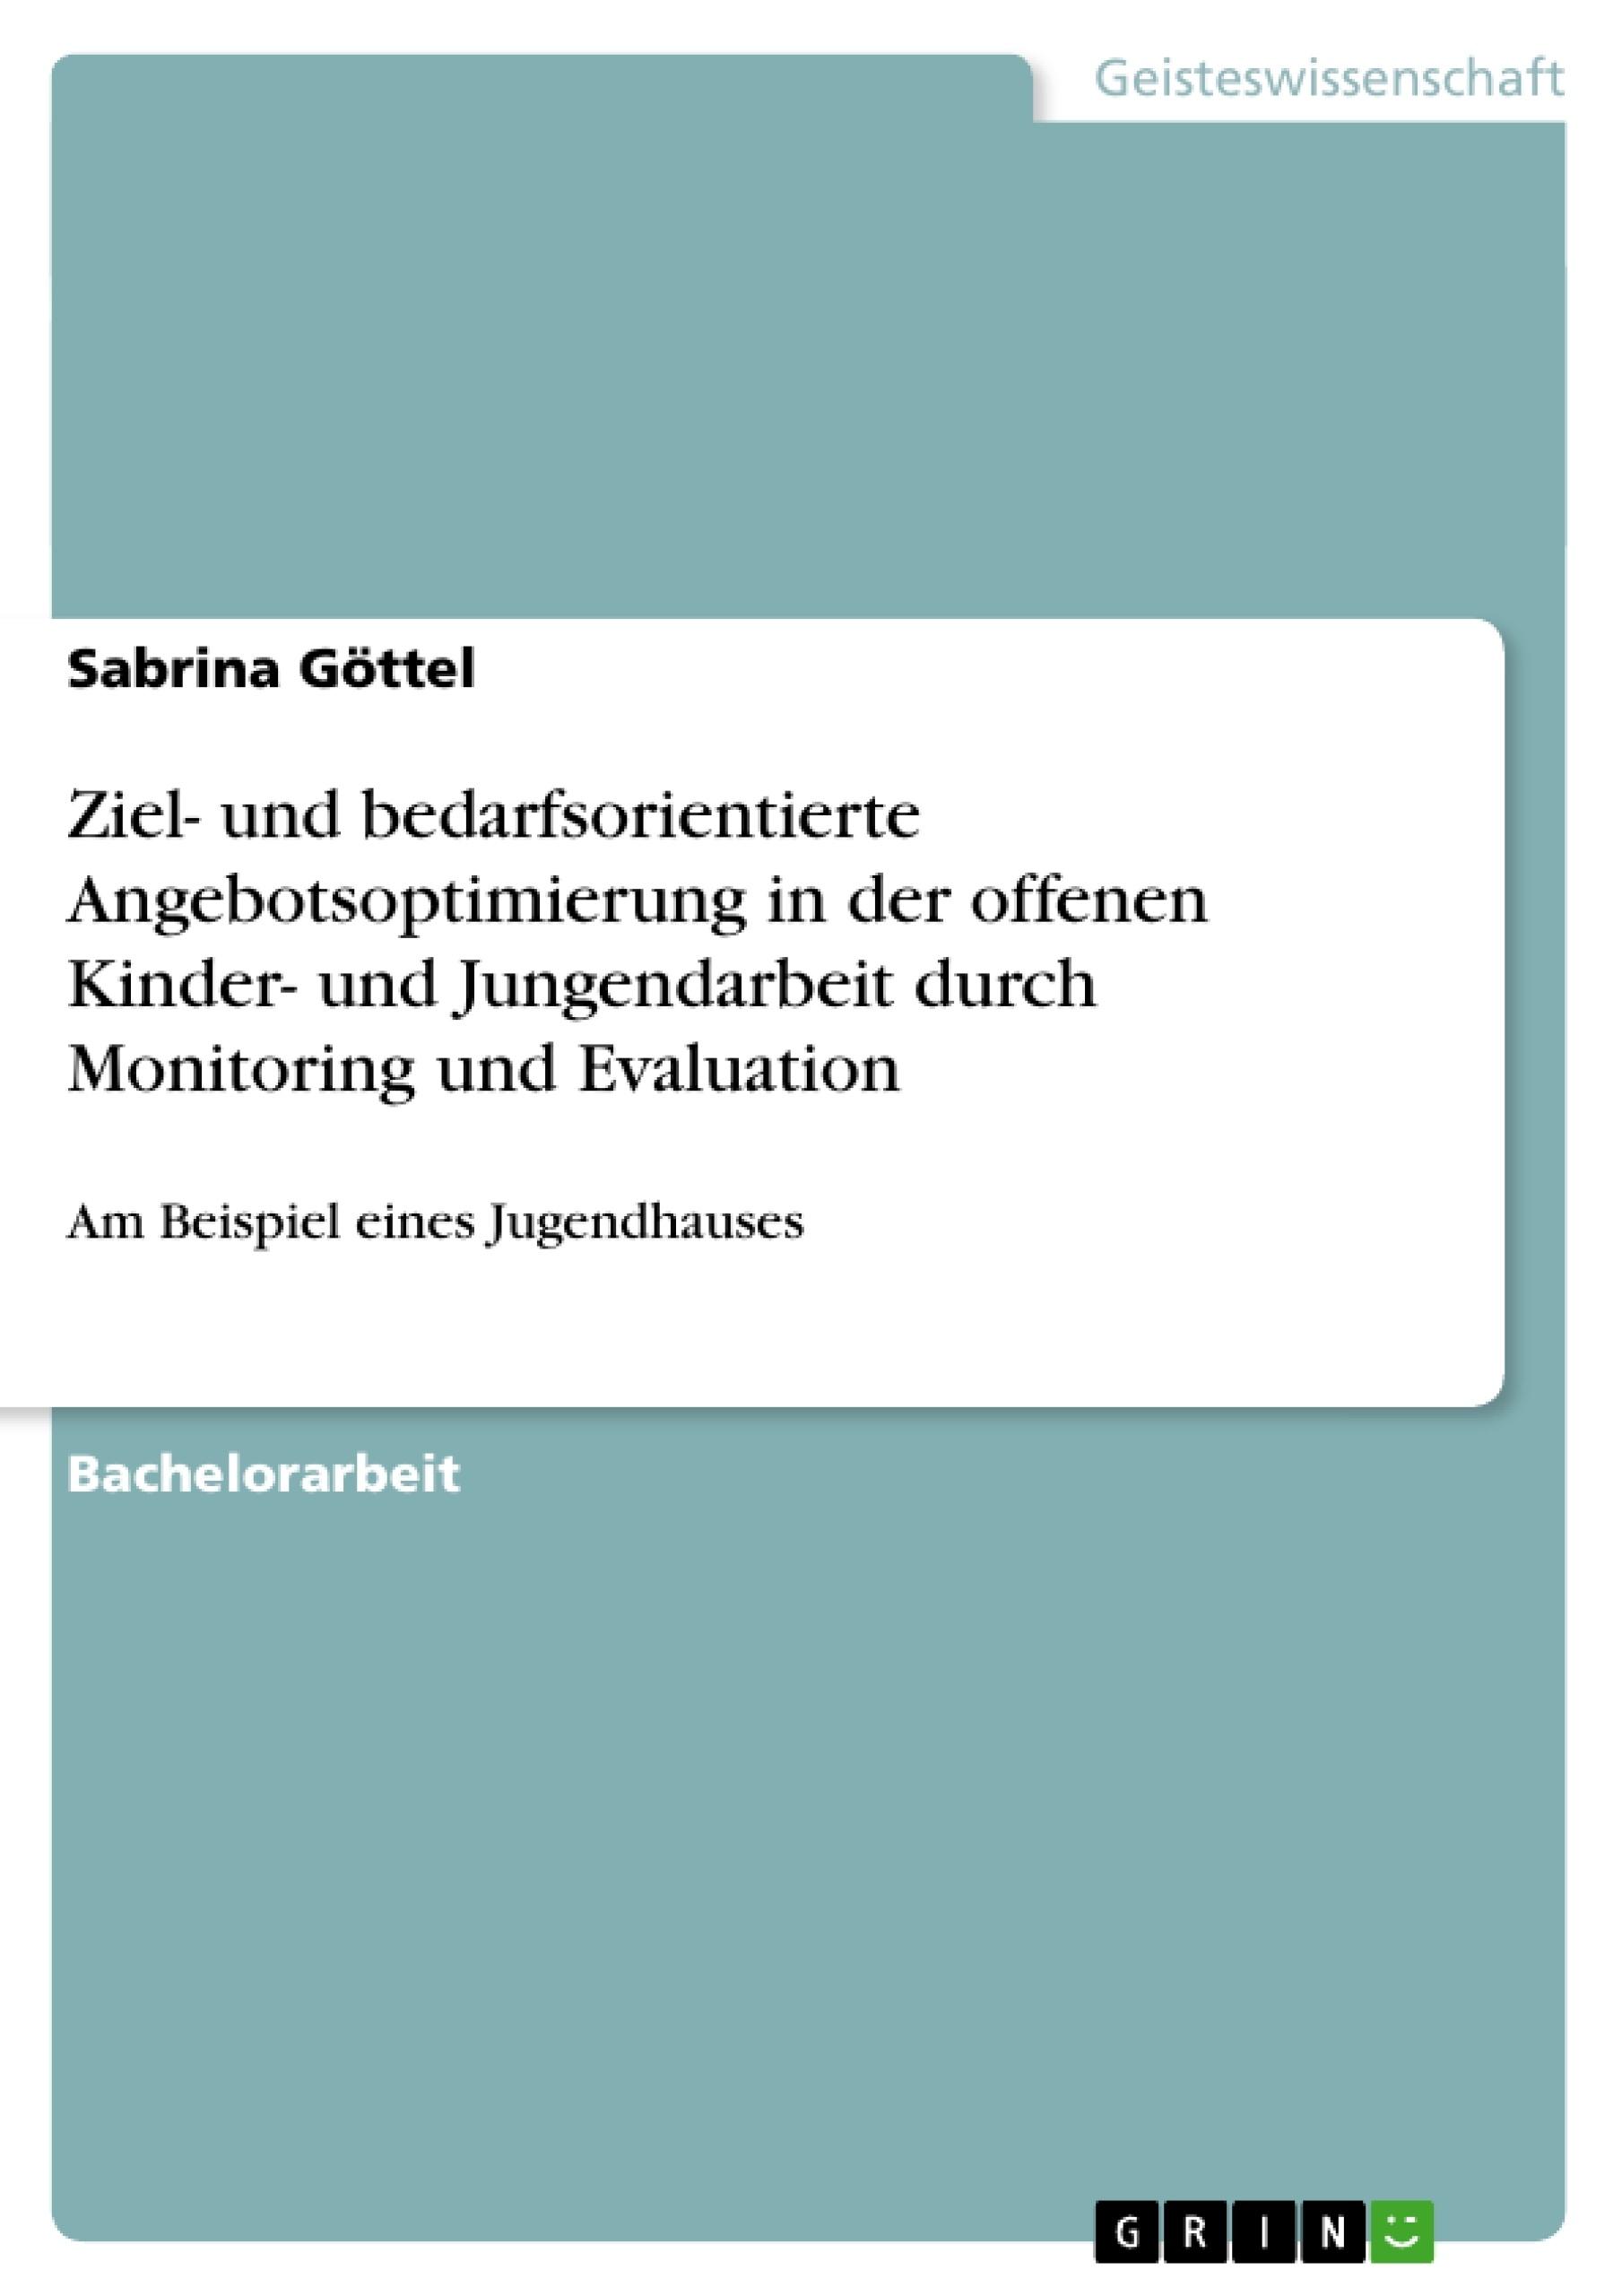 Titel: Ziel- und bedarfsorientierte Angebotsoptimierung in der offenen Kinder- und Jungendarbeit durch Monitoring und Evaluation